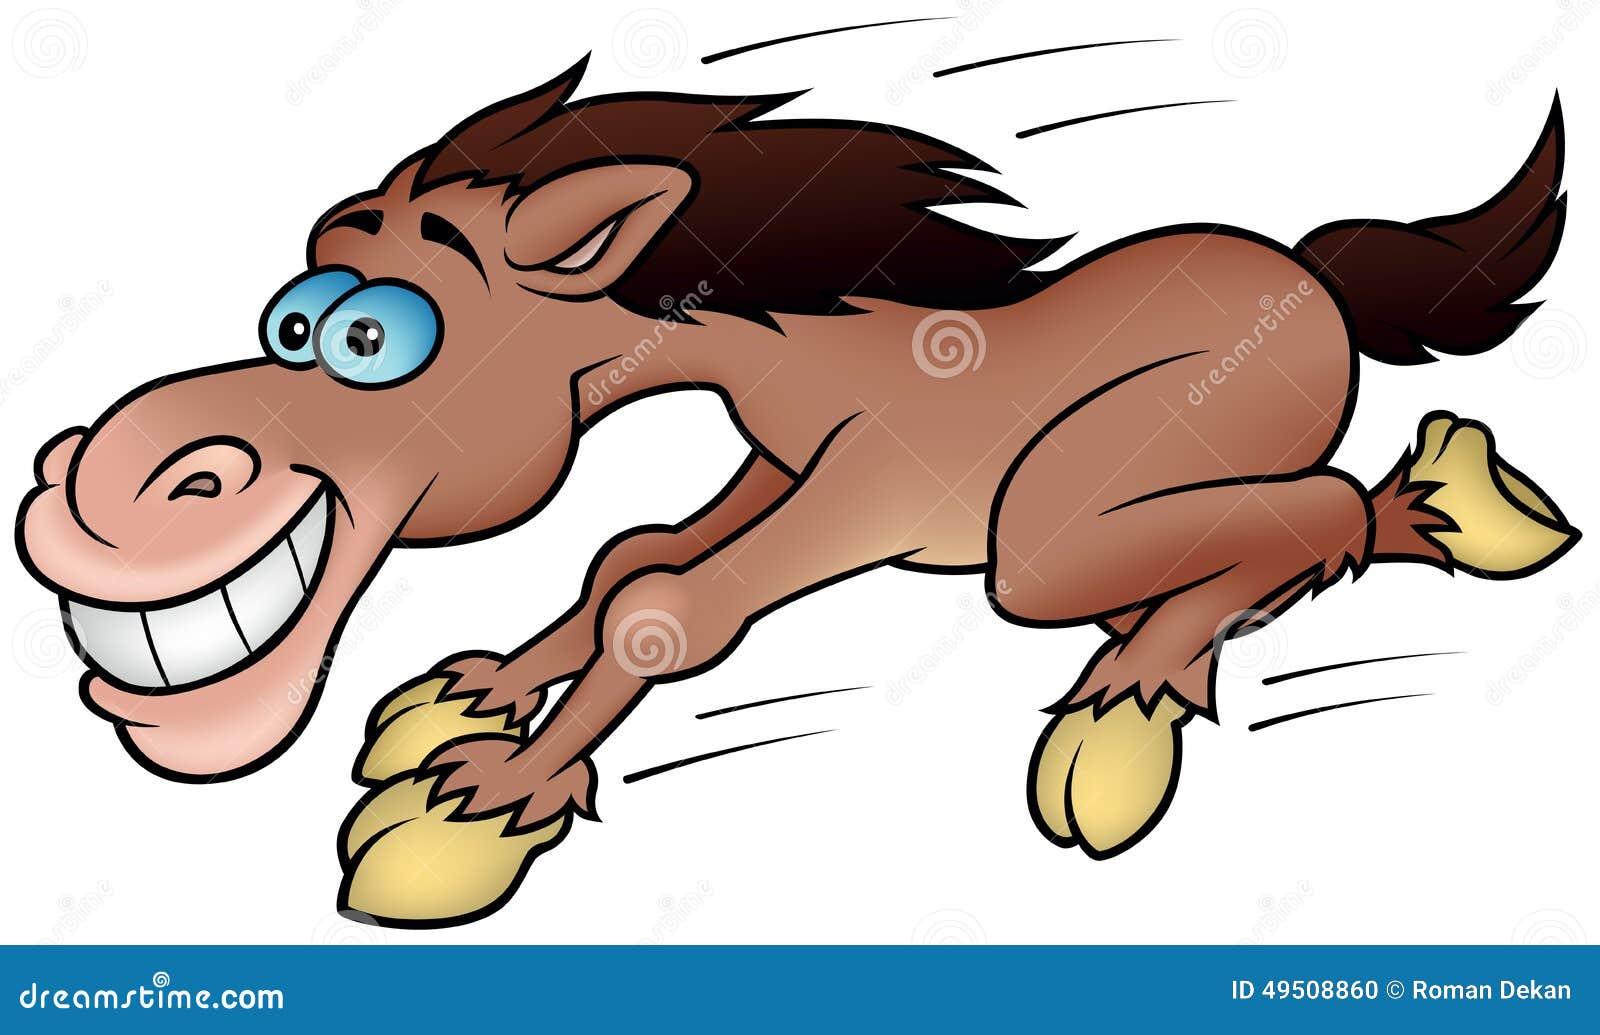 Running Horse - Colored Cartoon Illustration, Vector.